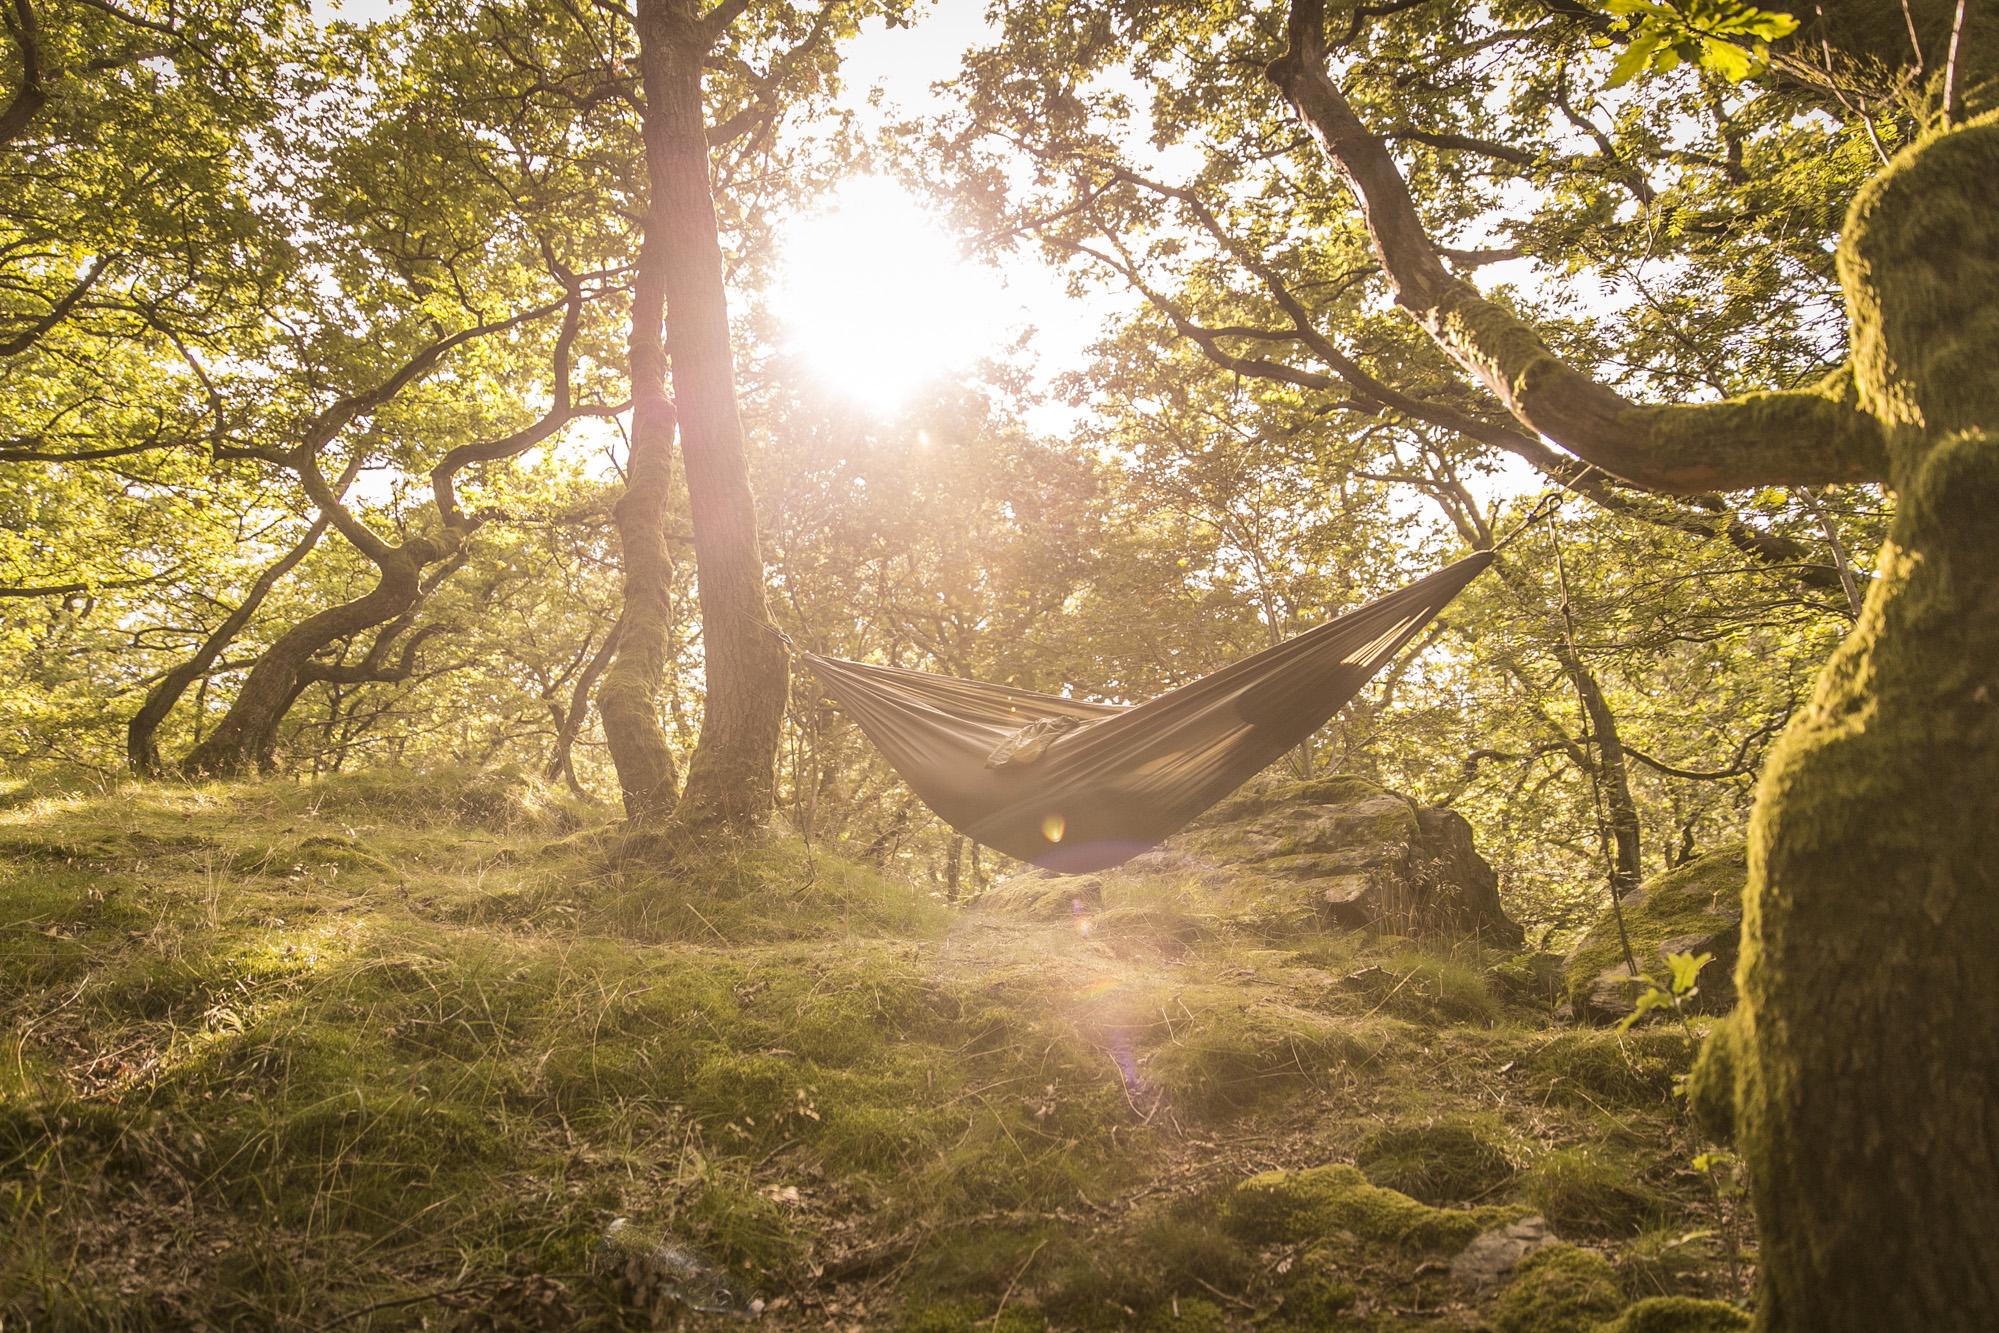 snugpak-jungle-hammock-21